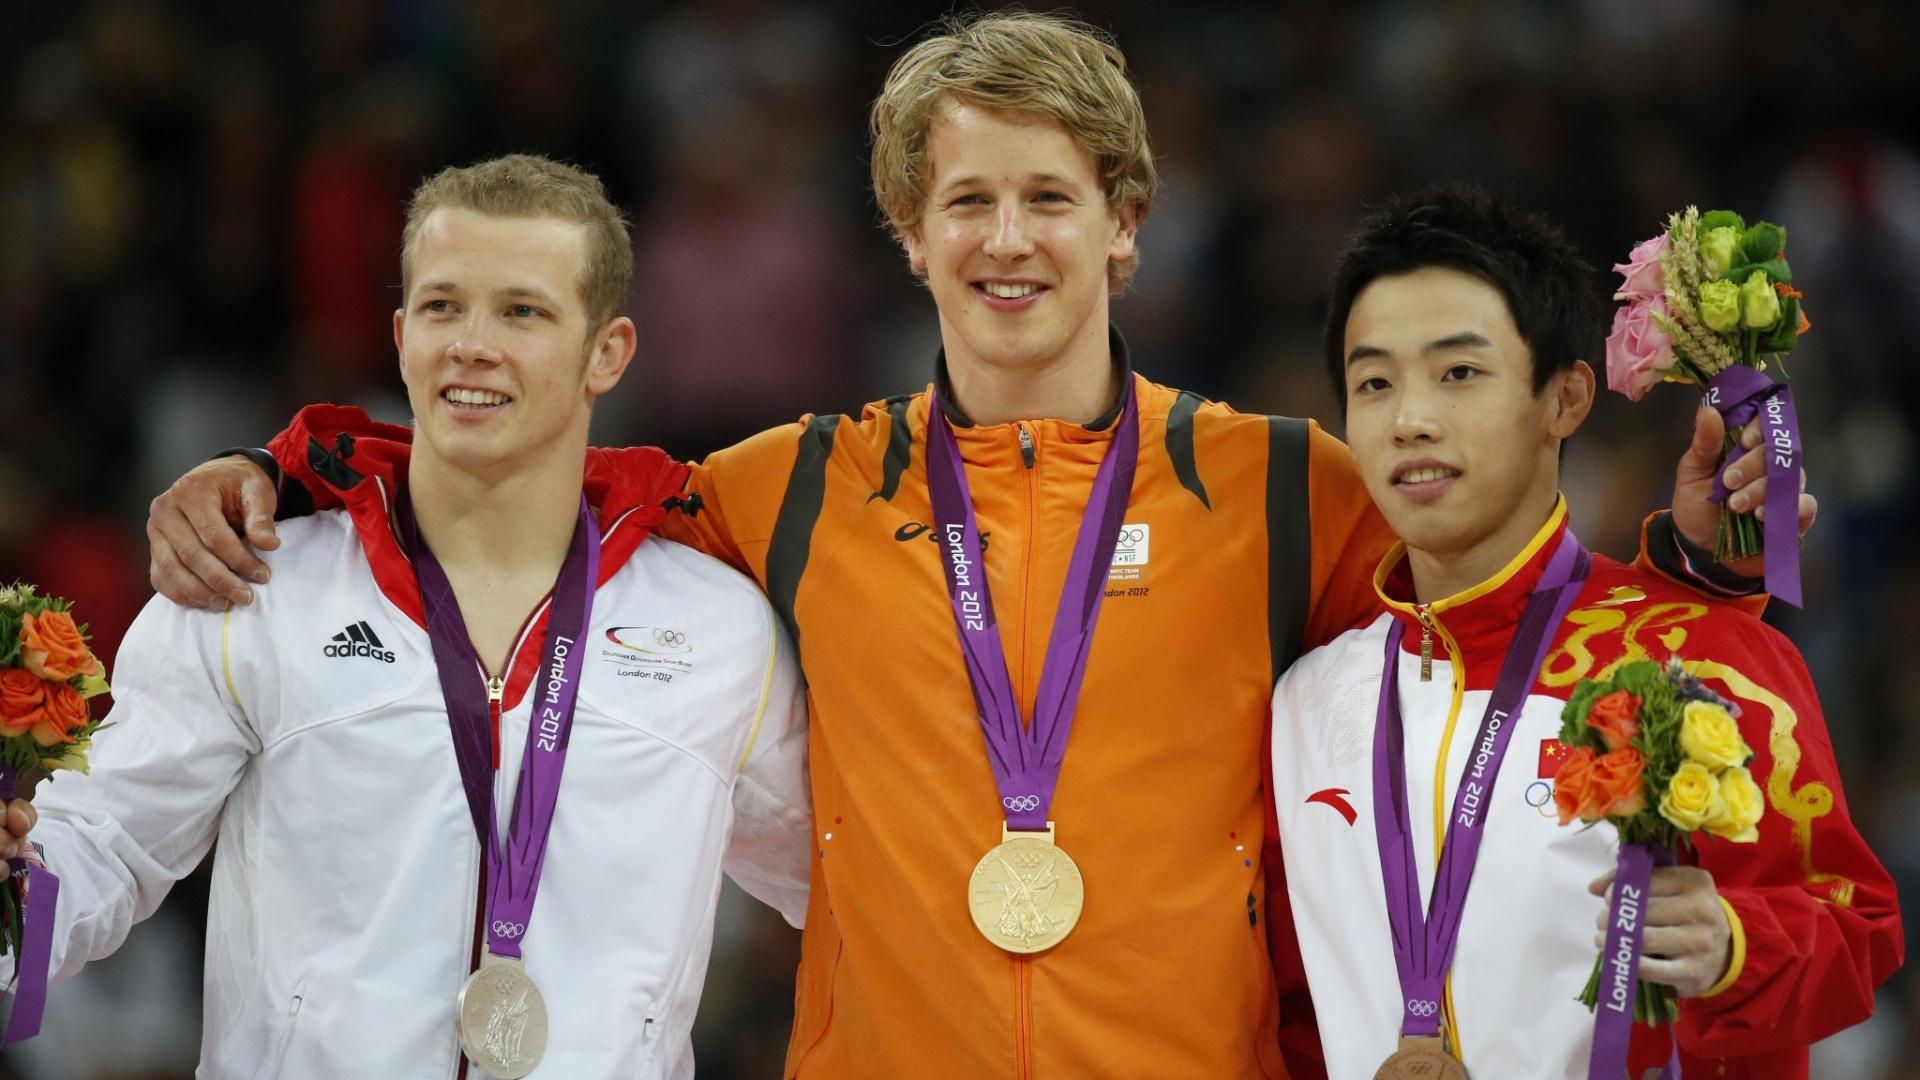 Pódio da barra fixa com Fabian Hambuchen (e), Epke Zonderland (c) e Zou Kai, medalhistas de prata, ouro e bronze, respectivamente